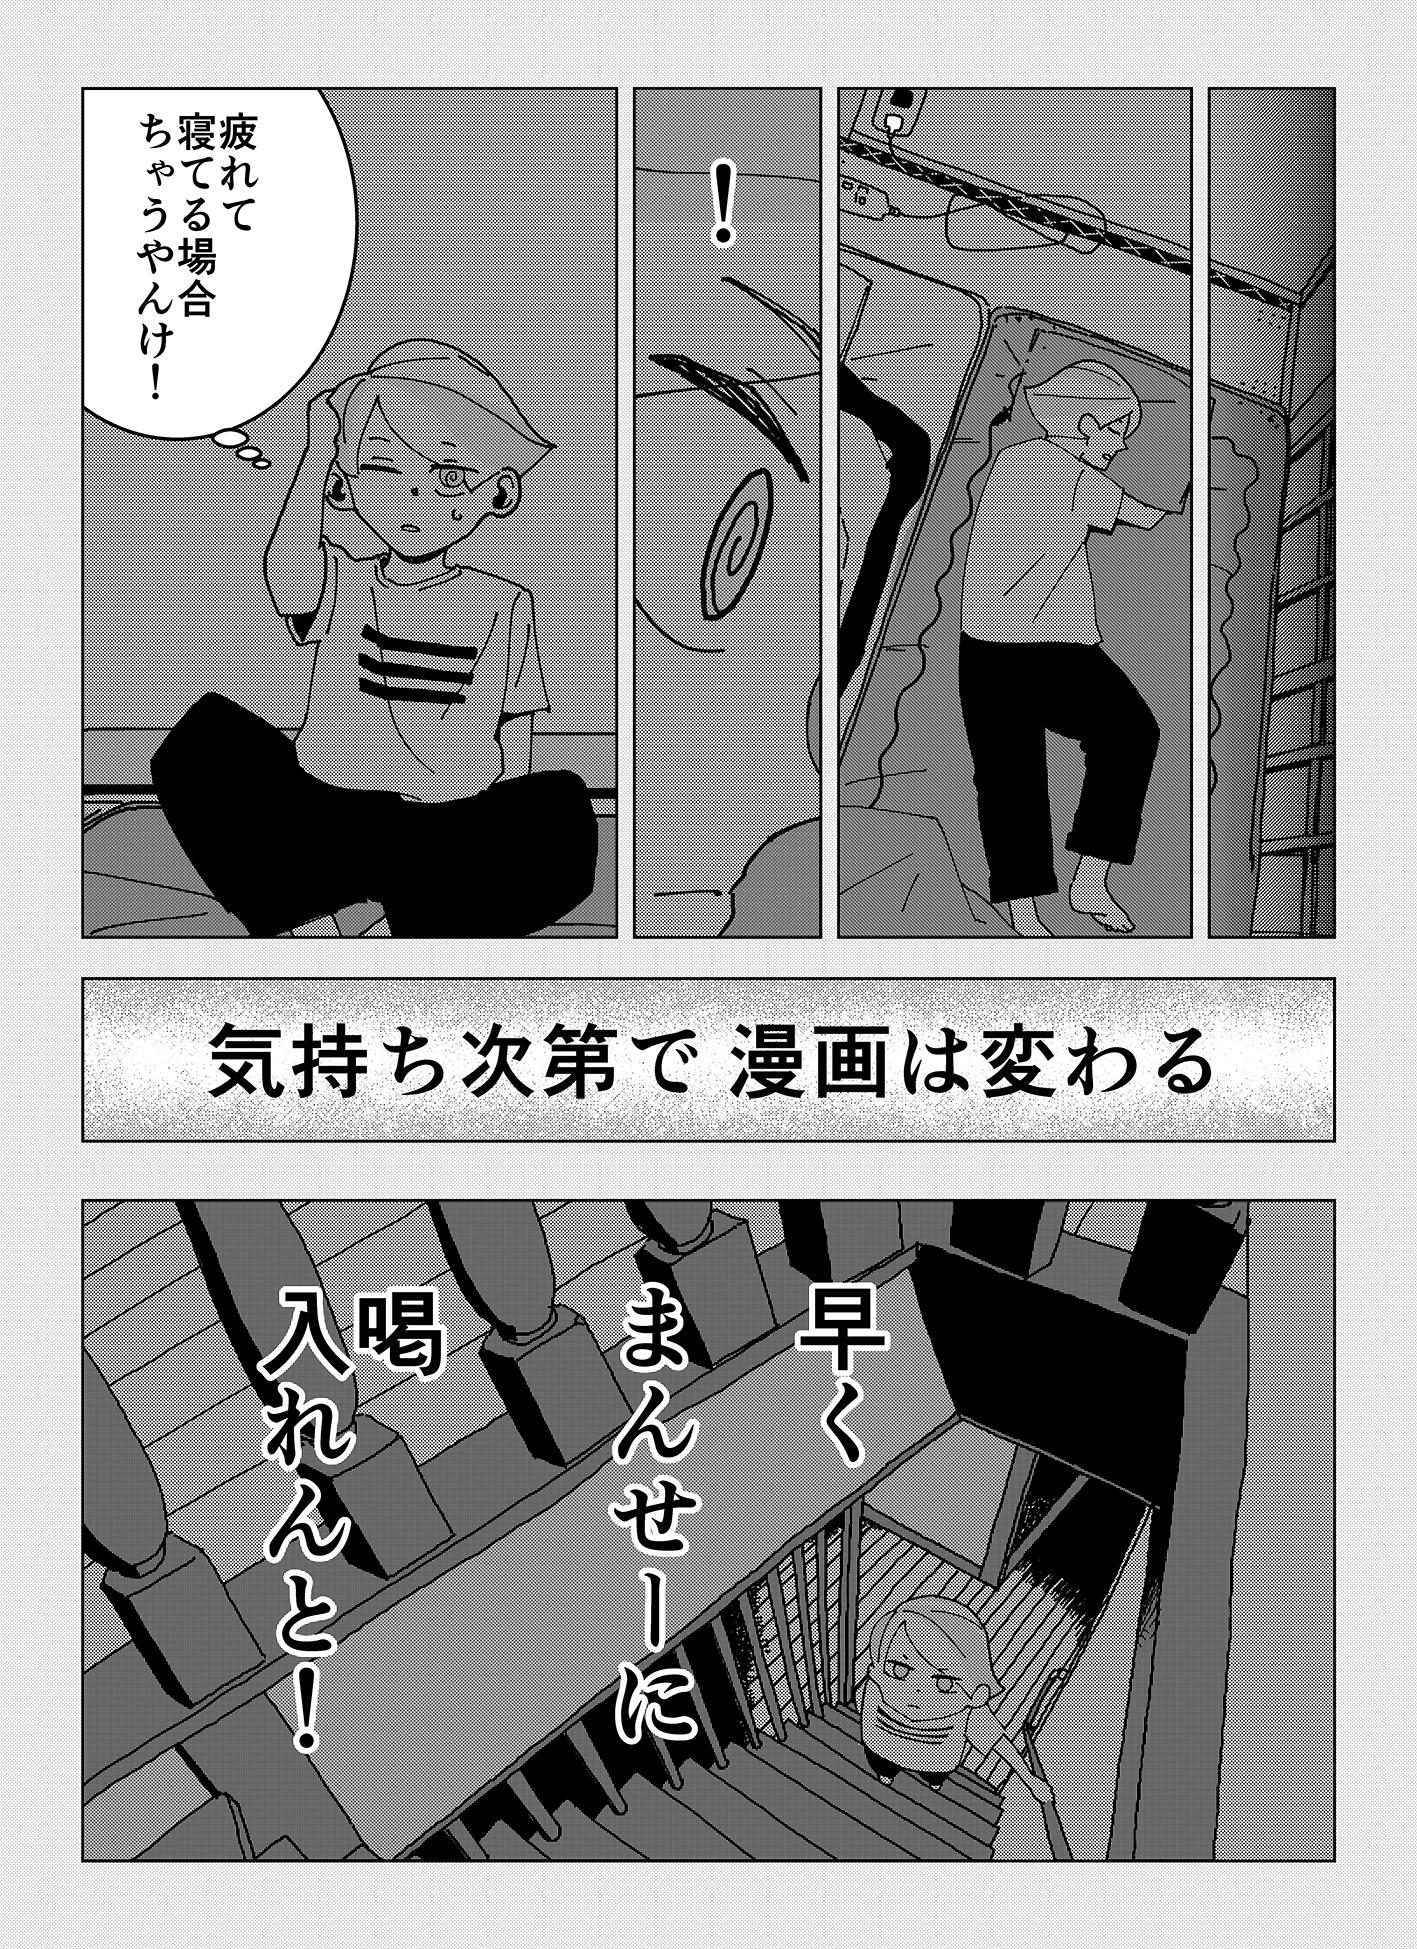 share08_04